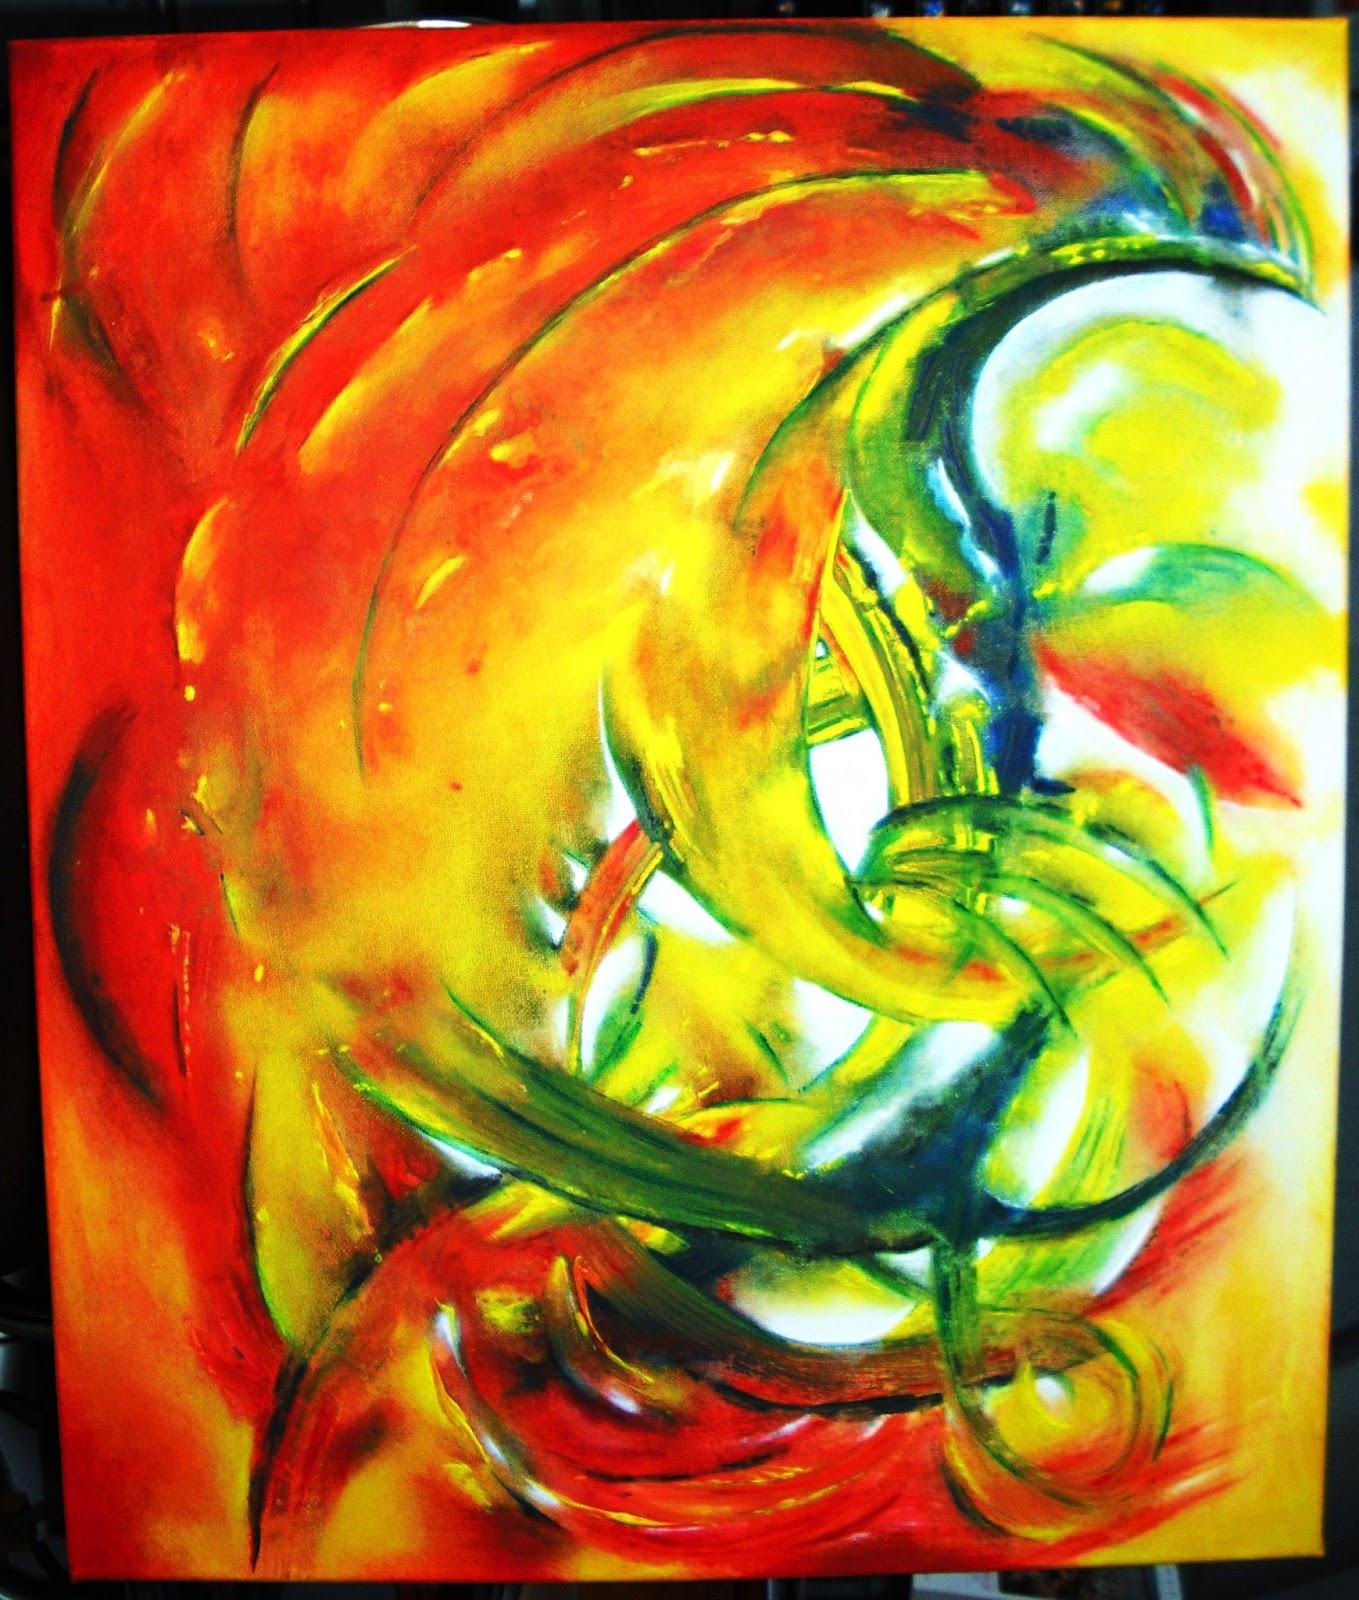 Ecriture et peinture oser c 39 est vivre couleurs chaudes - Peinture couleurs chaudes ...